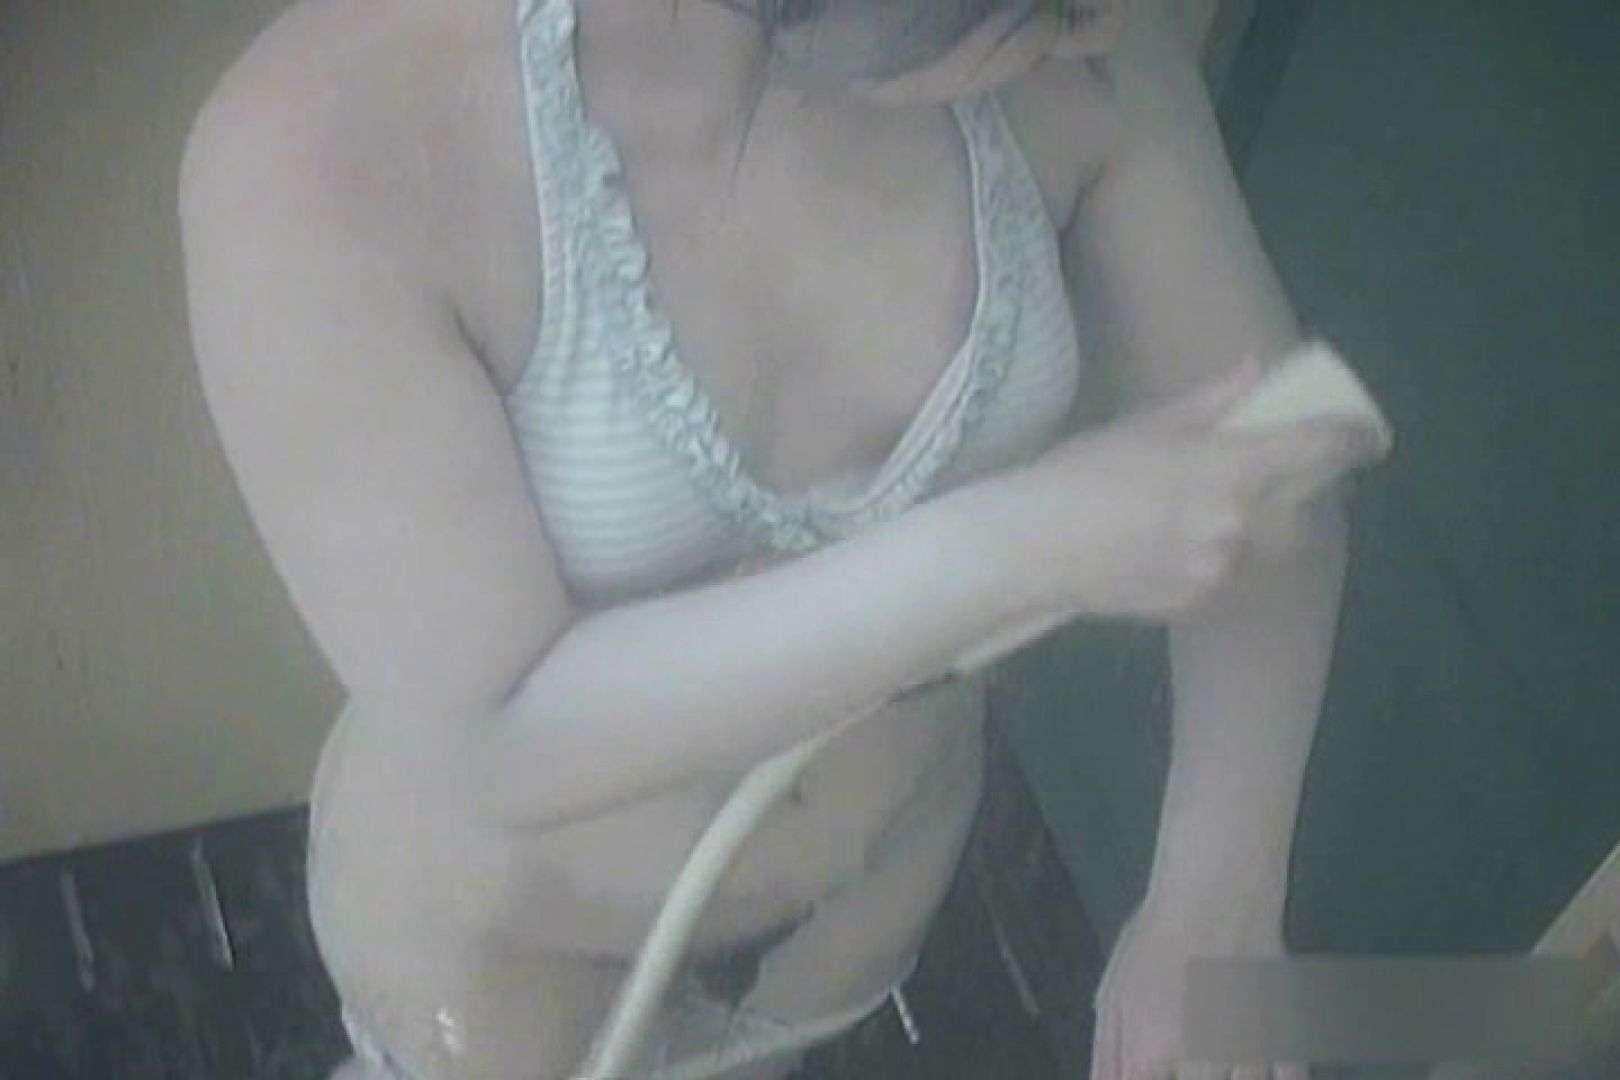 夏海シャワー室!ベトベトお肌をサラサラに!VOL.07 美女のヌード ワレメ動画紹介 104画像 68